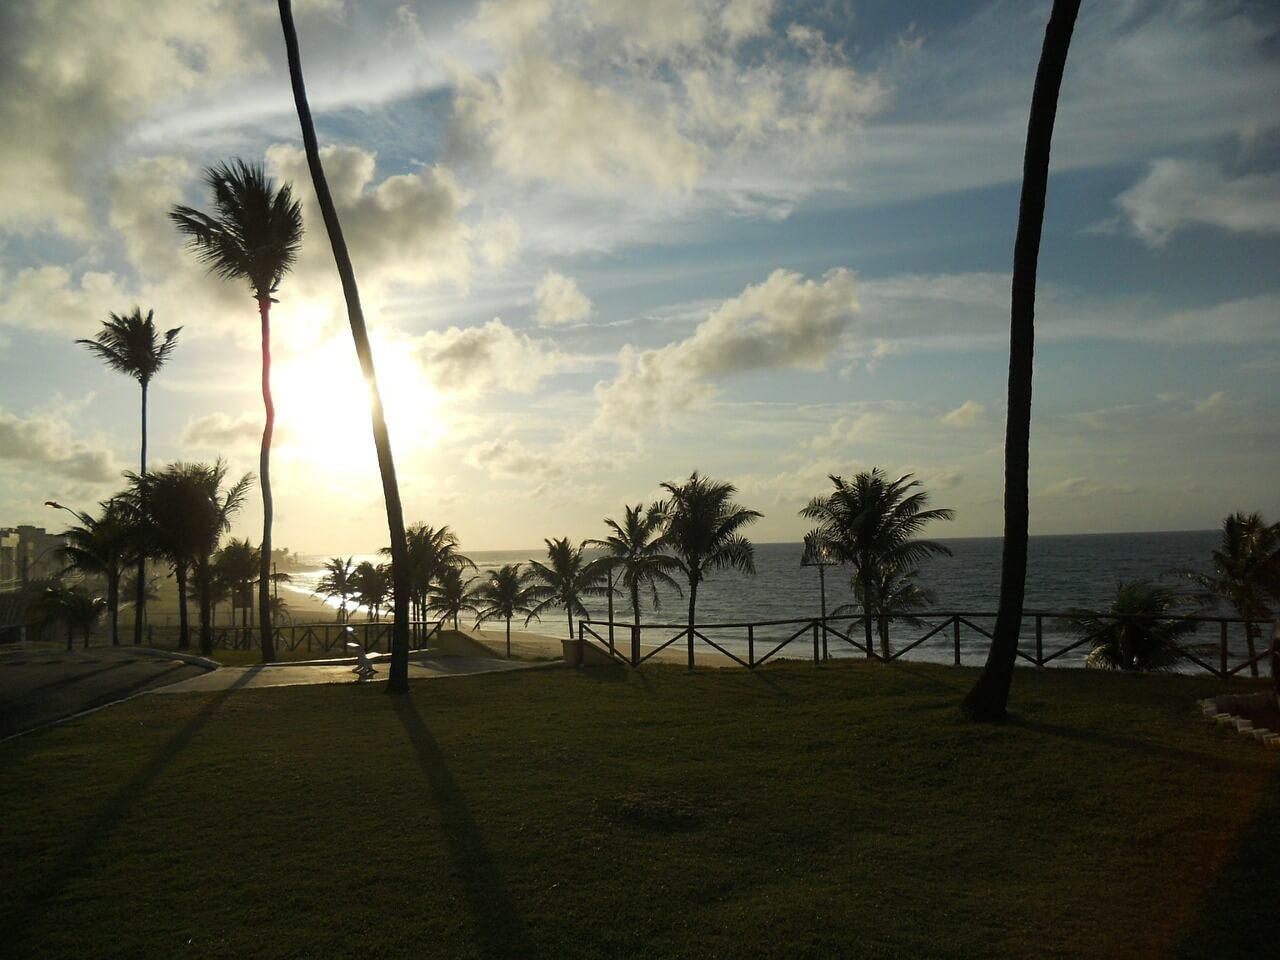 Pôr do Sol em Amaralina, Salvador - Bahia